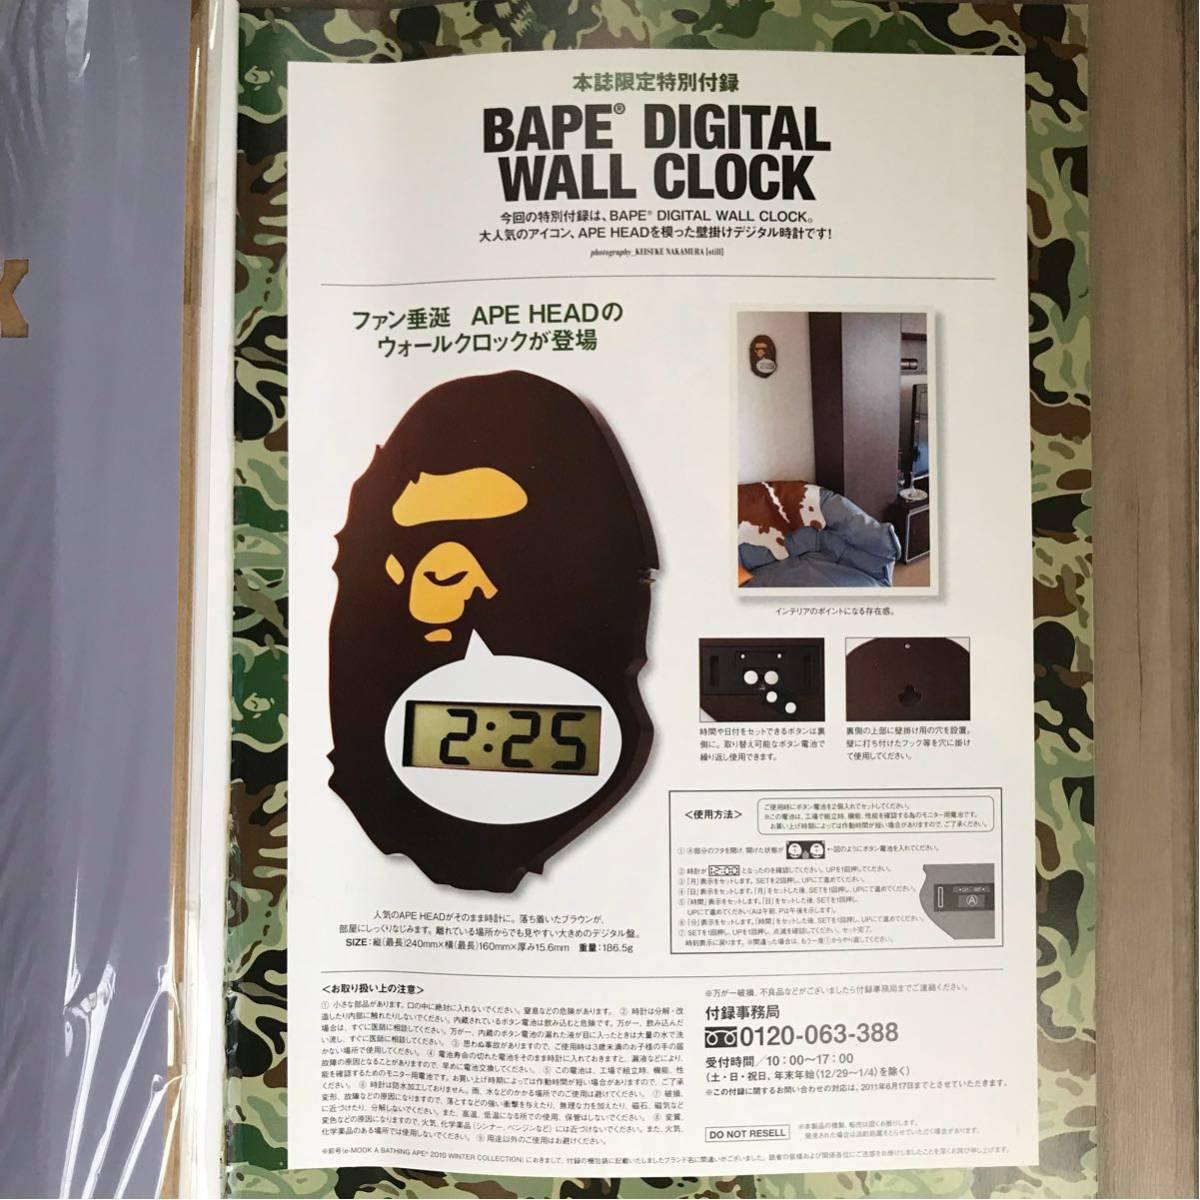 ★新品★ bape ウォールクロック 時計 掛け時計 bapex wall clock エイプ ベイプ nigo a bathing ape mook book 本 2011